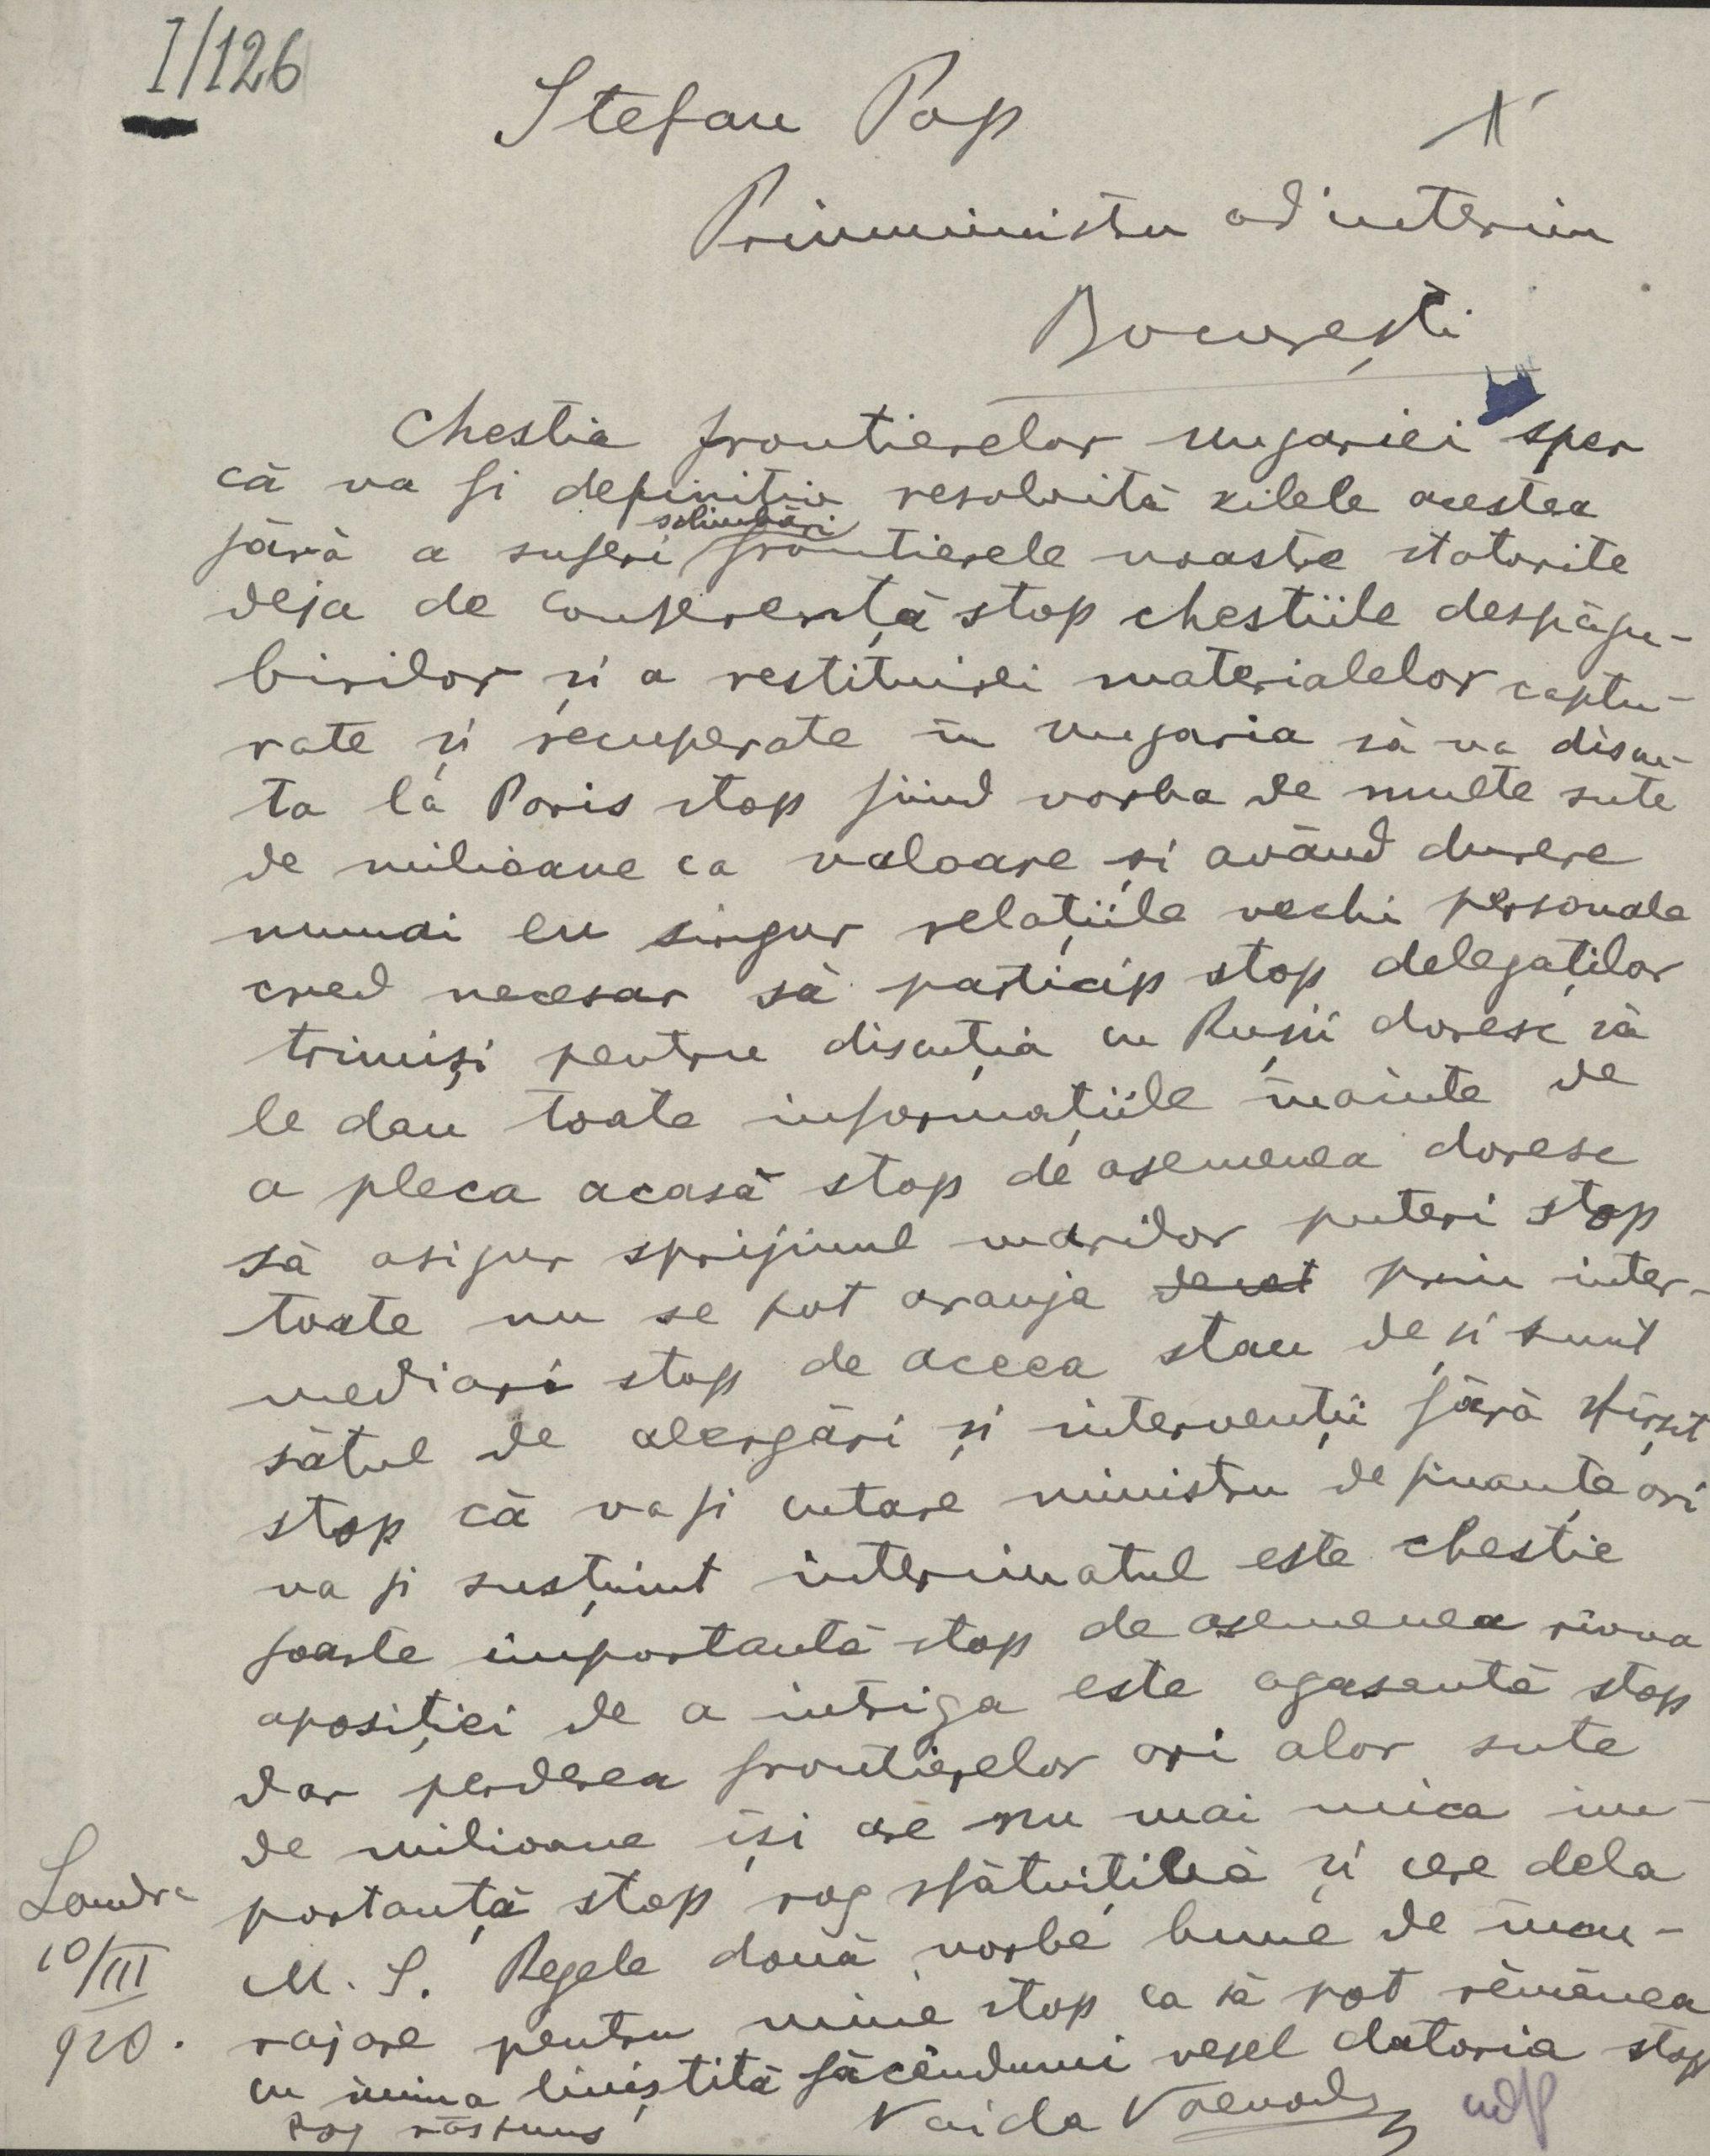 Telegramă a lui Vaida-Voevod adresată lui Ștefan Cicio-Pop privind discutarea frontierelor Ungariei, Londra, 10 martie 1920